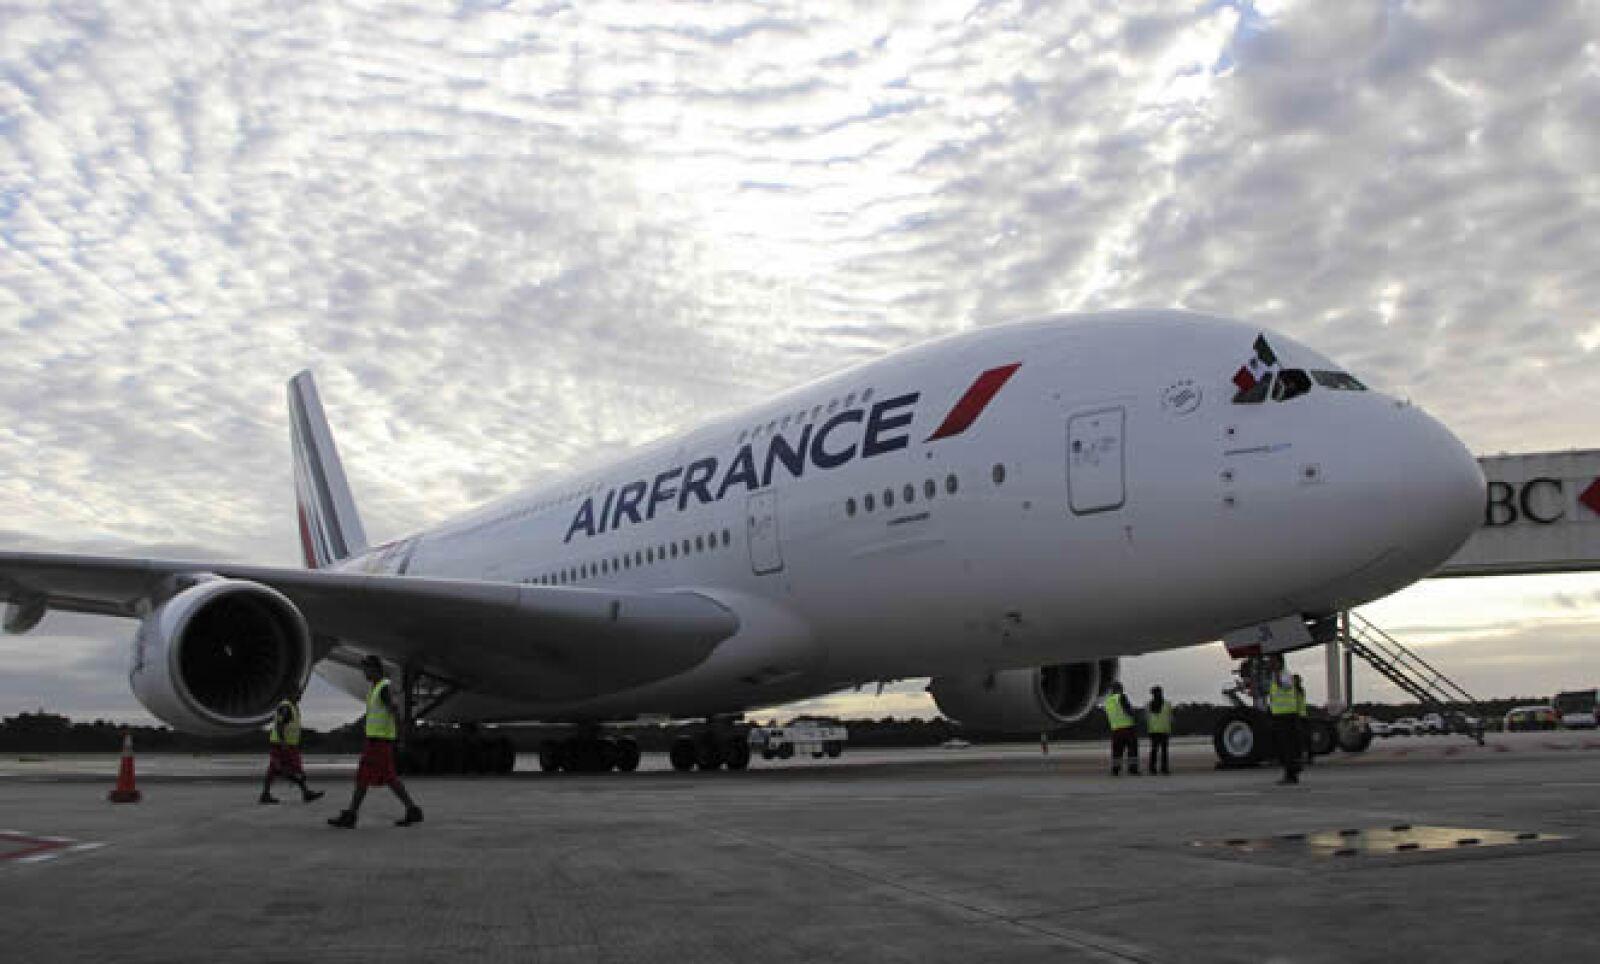 La terminal aérea de Cancún es la única del país con las condiciones adecuadas para recibir un avión de estas dimensiones, señaló el director de Air France-KLM México, Jérome Salemi.